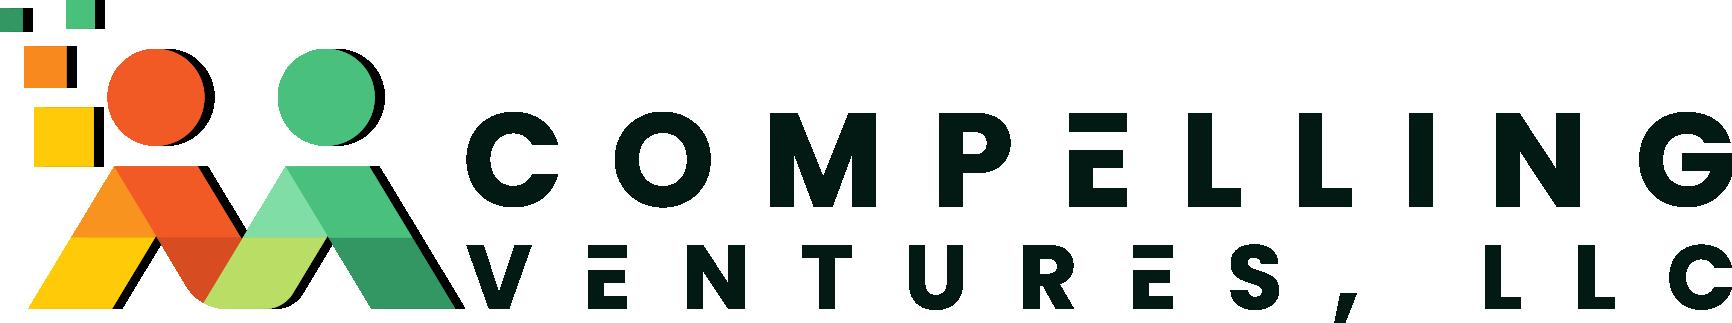 Compelling Ventures Logo